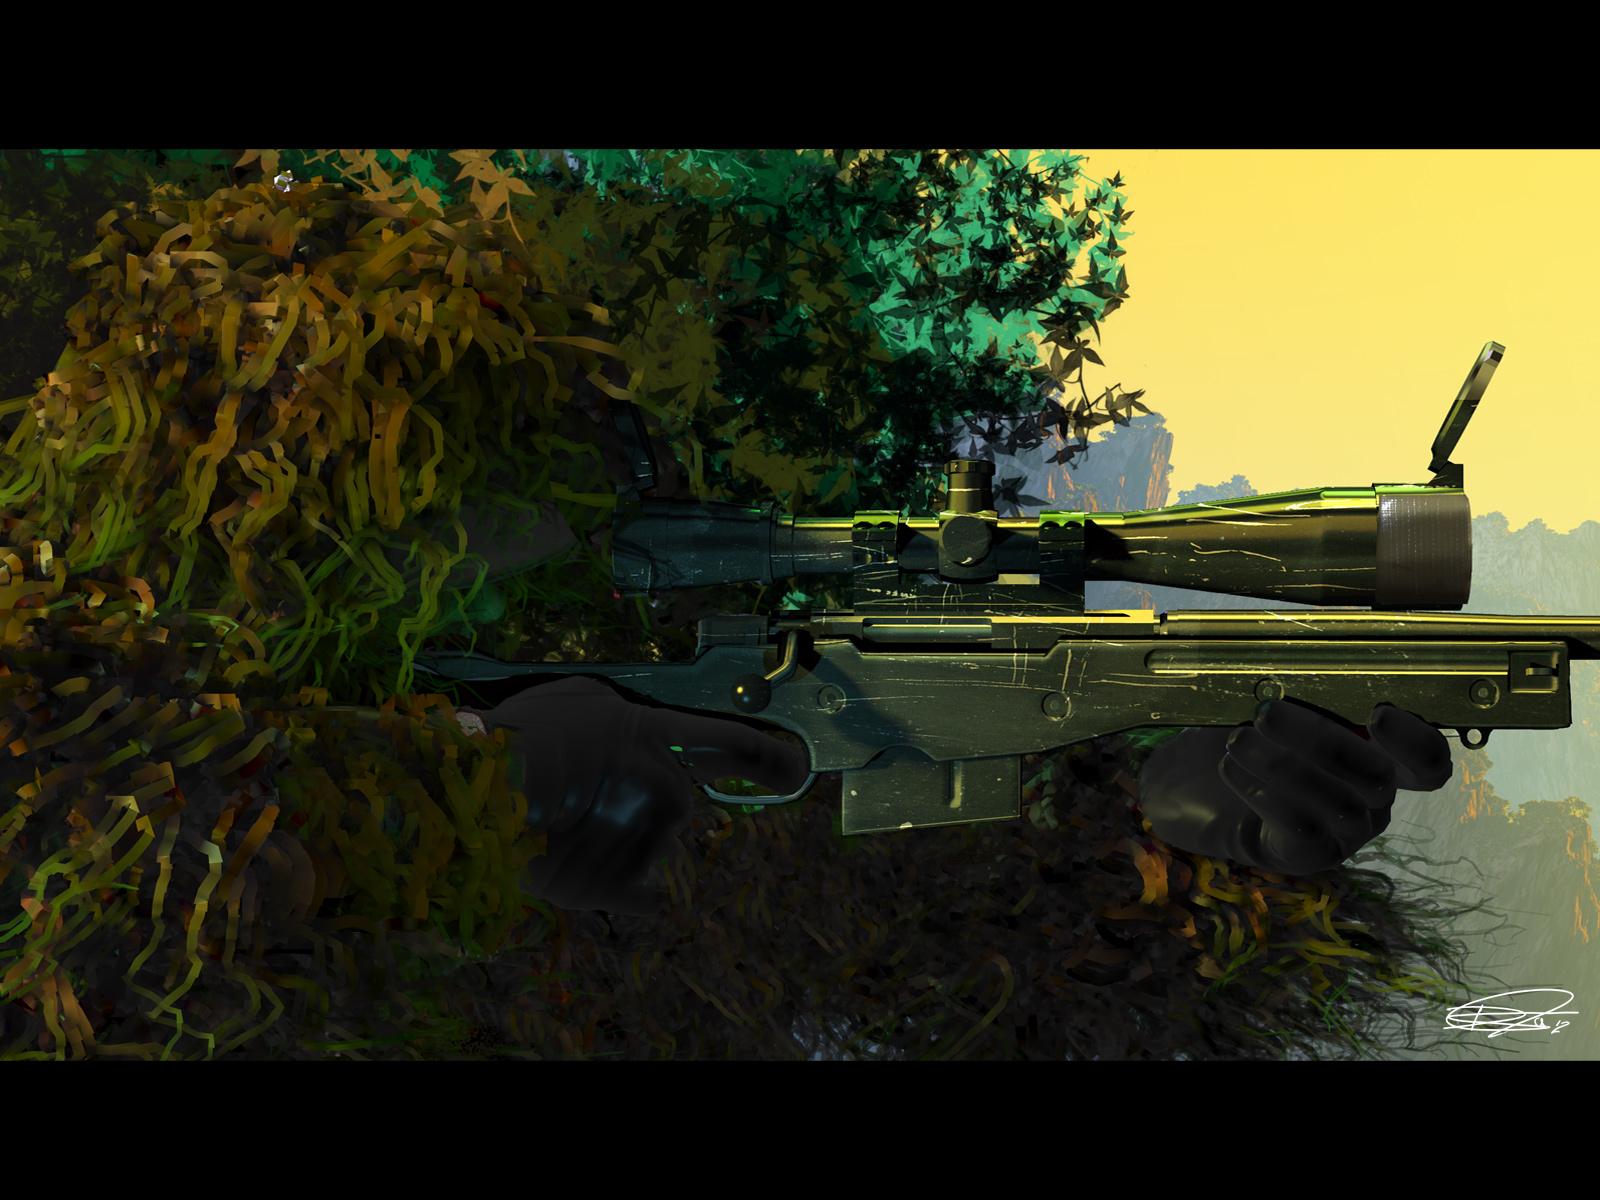 US Marine Sniper Computer Wallpapers Desktop Backgrounds 1600x1200 1600x1200